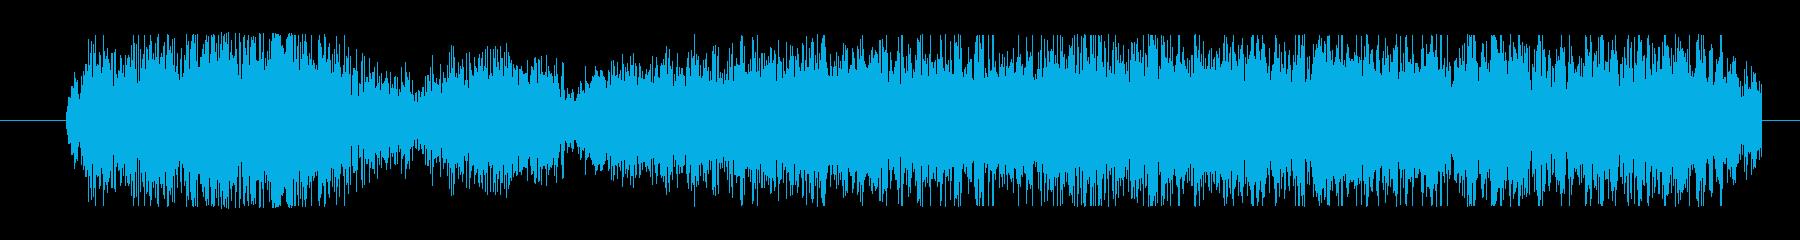 イメージ クレイジートーク09の再生済みの波形